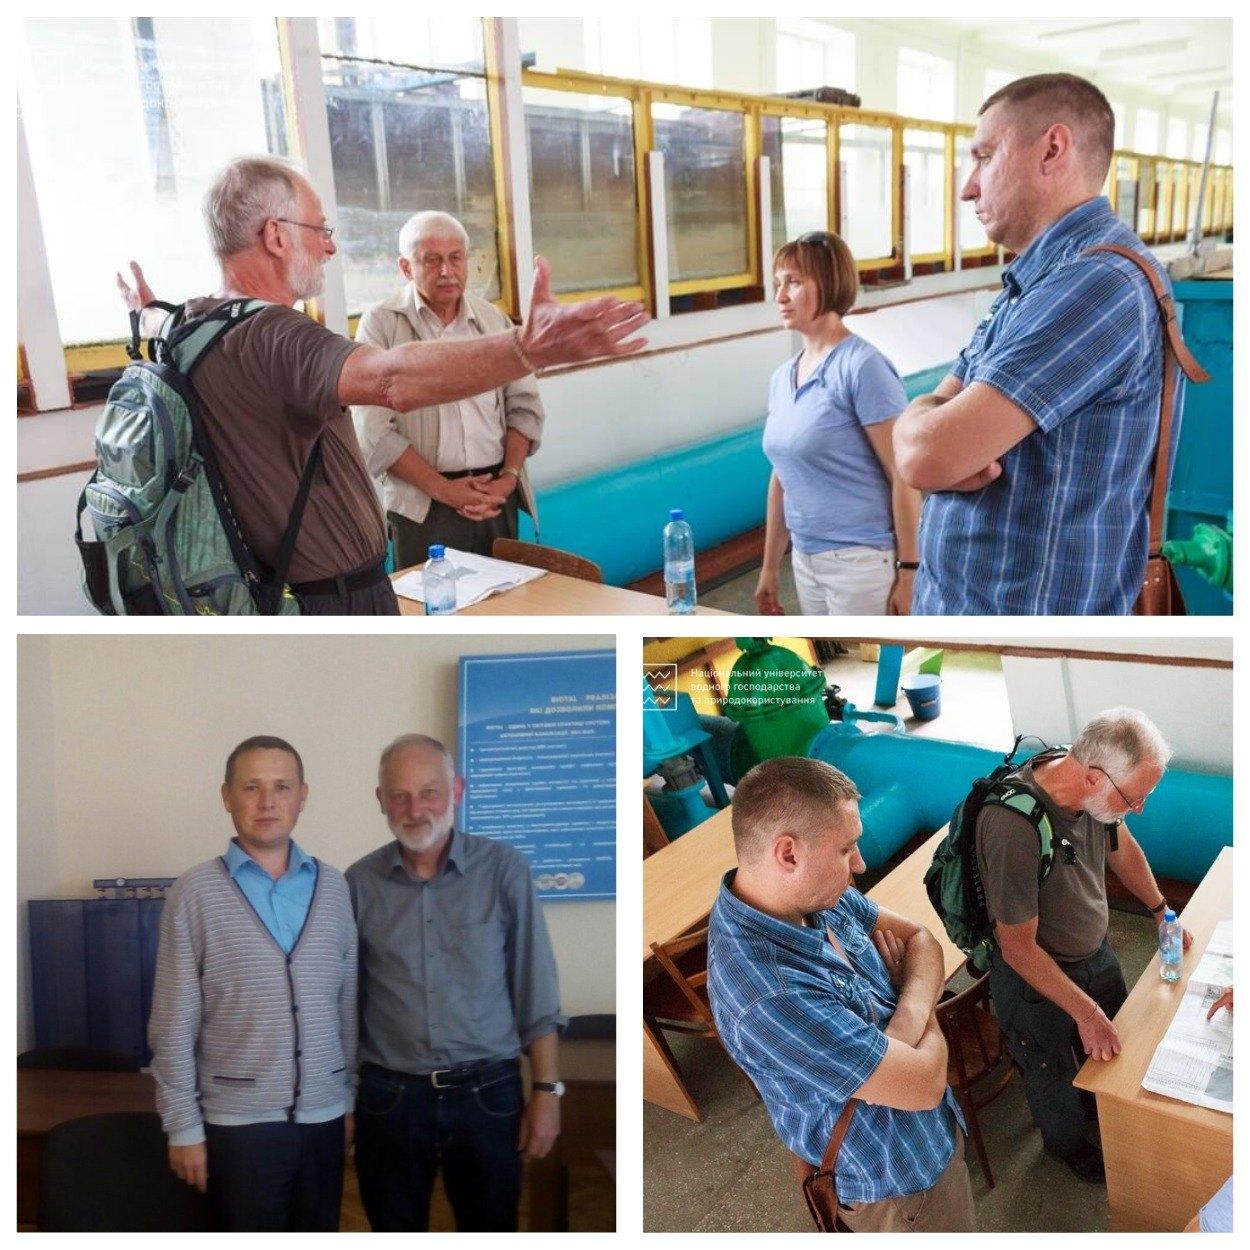 Гость из Германии посетил лабораторию BIOTAL в НУВХП.